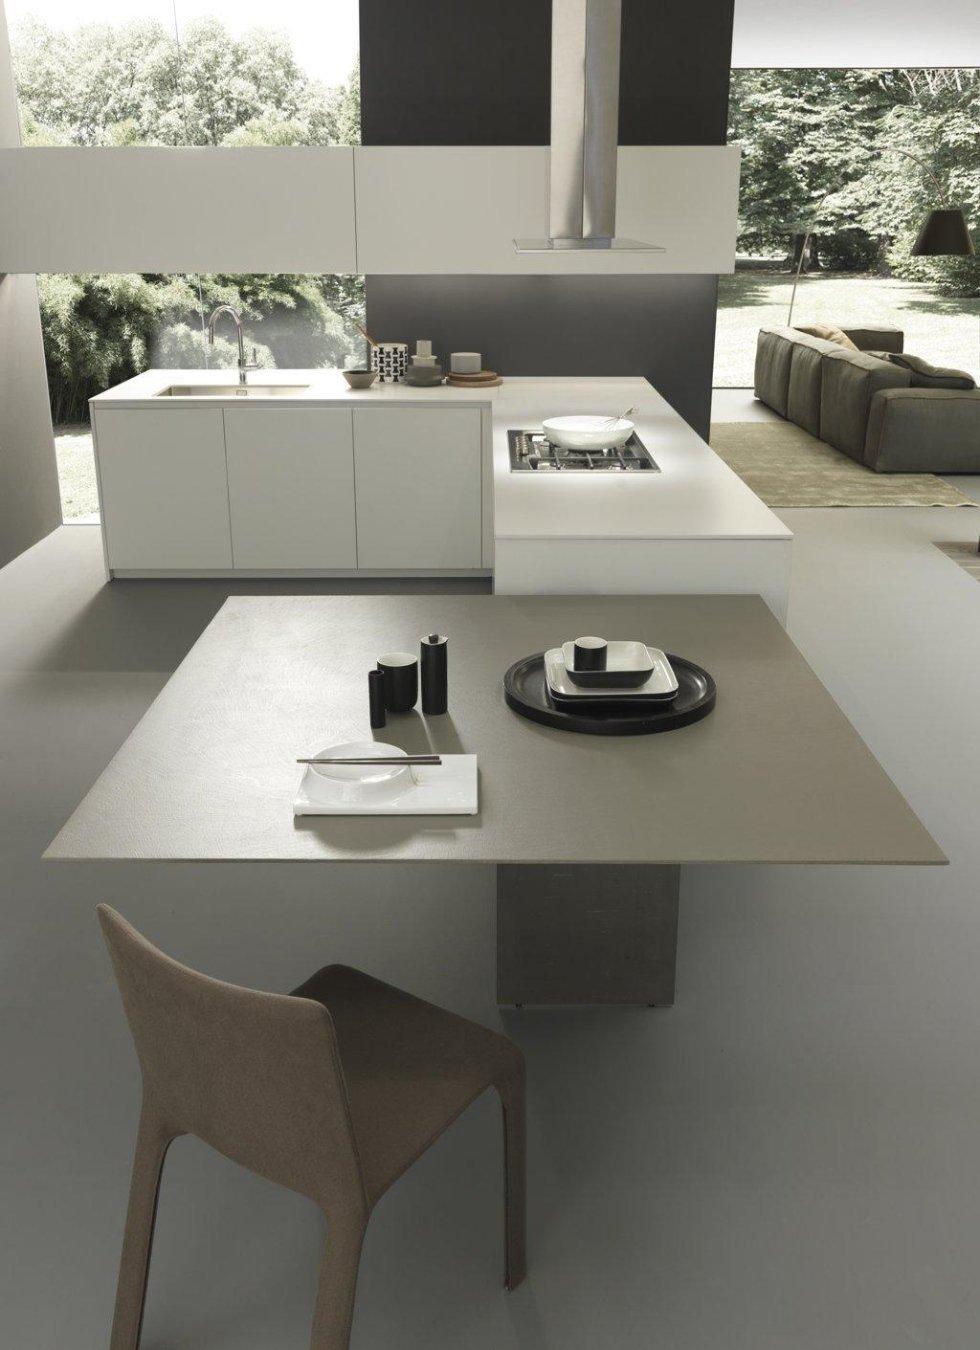 cucina moderna con sedia, diavno e giardino